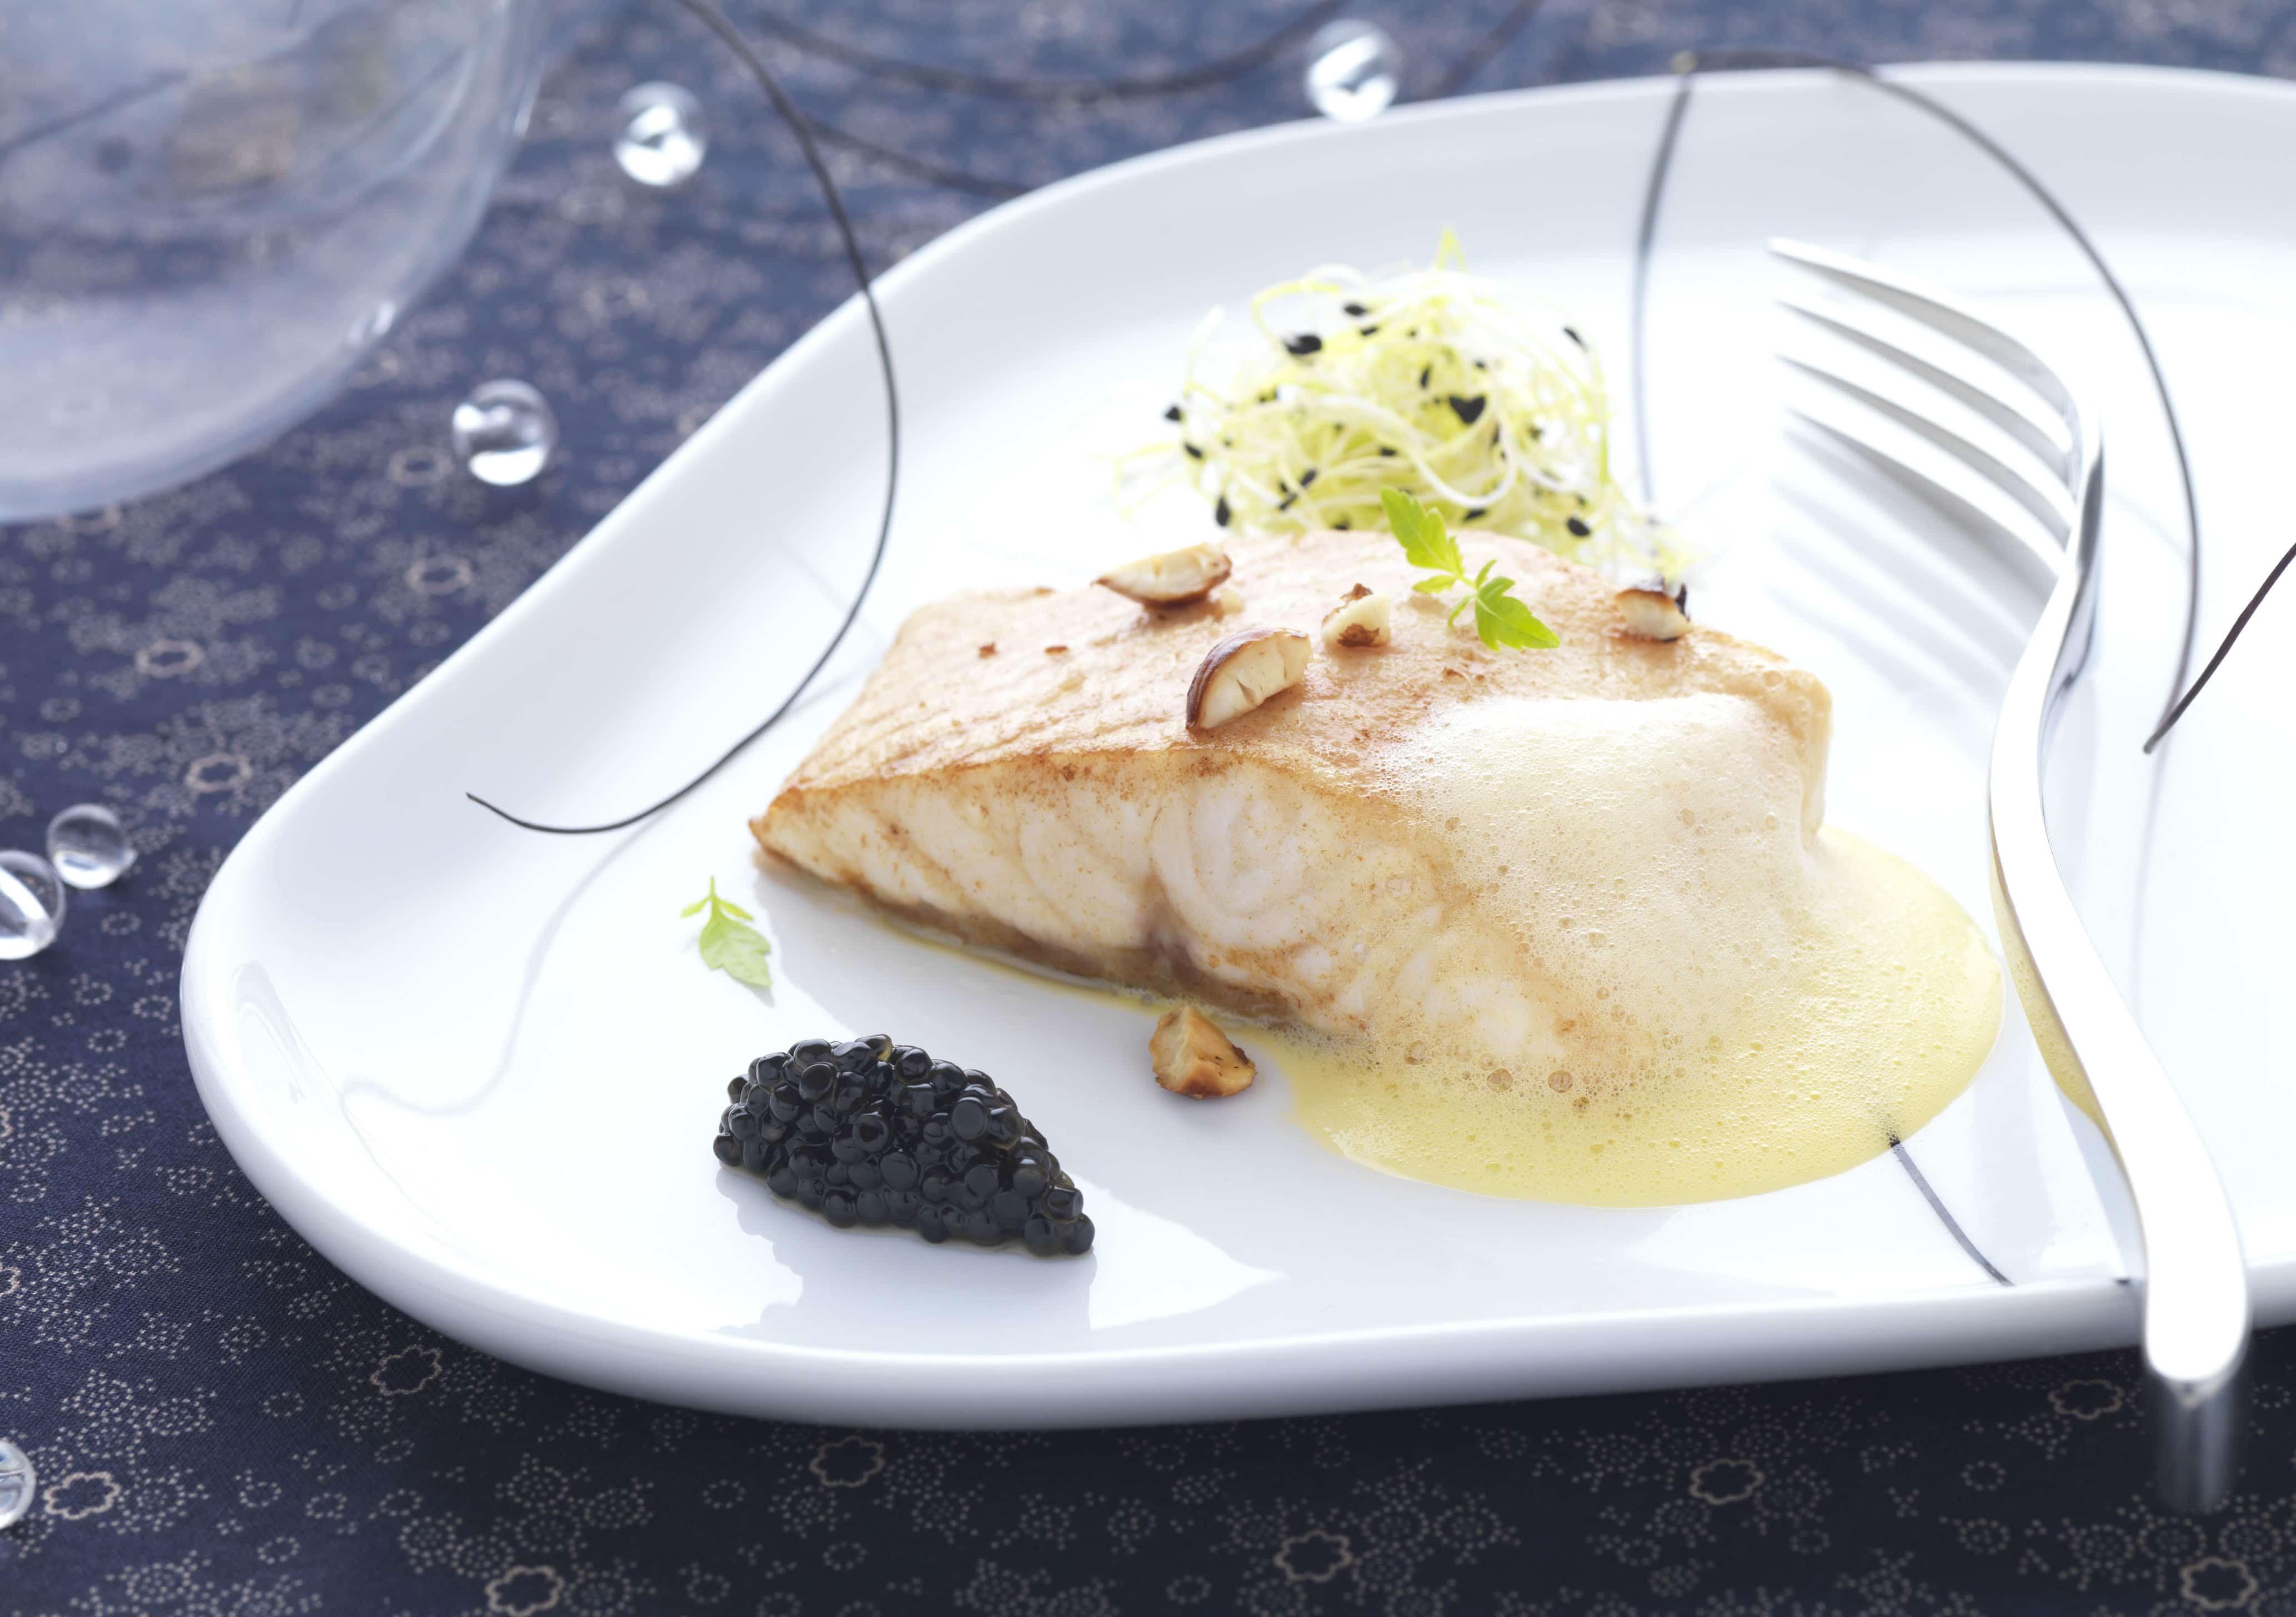 Recette Esturgeon aux noisettes grillées sabayon beurre noisette et quenelle de caviar d'Esturgeon